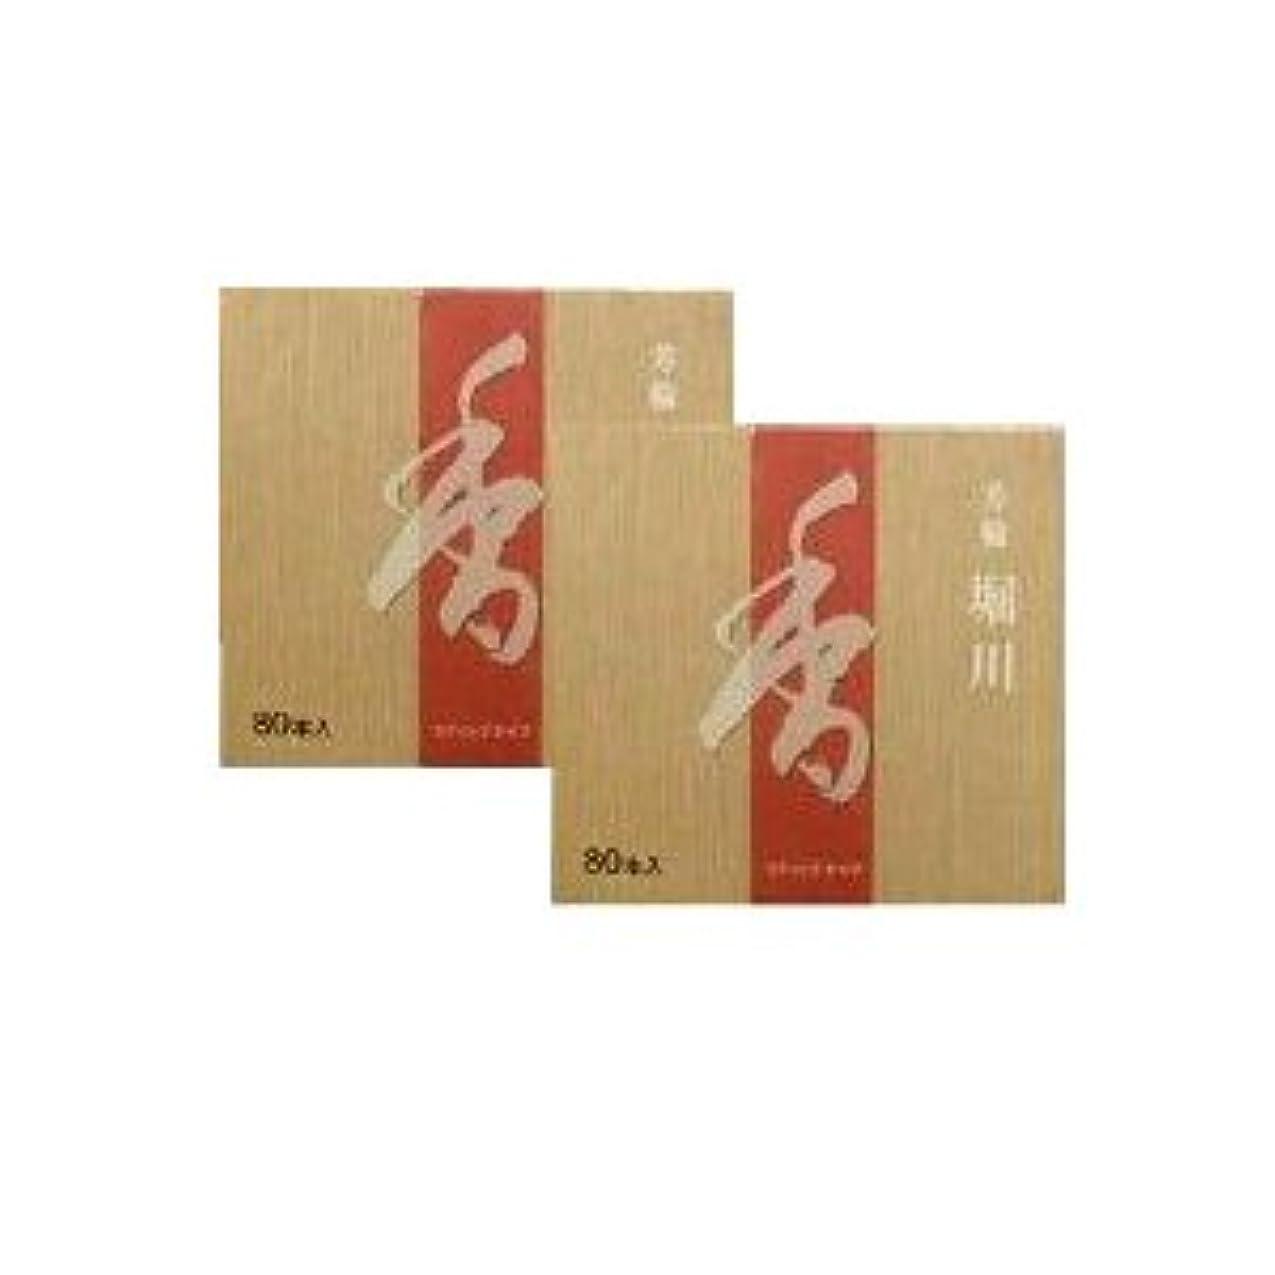 シャーク軽食タック松栄堂 芳輪 堀川 スティック80本入 2箱セット